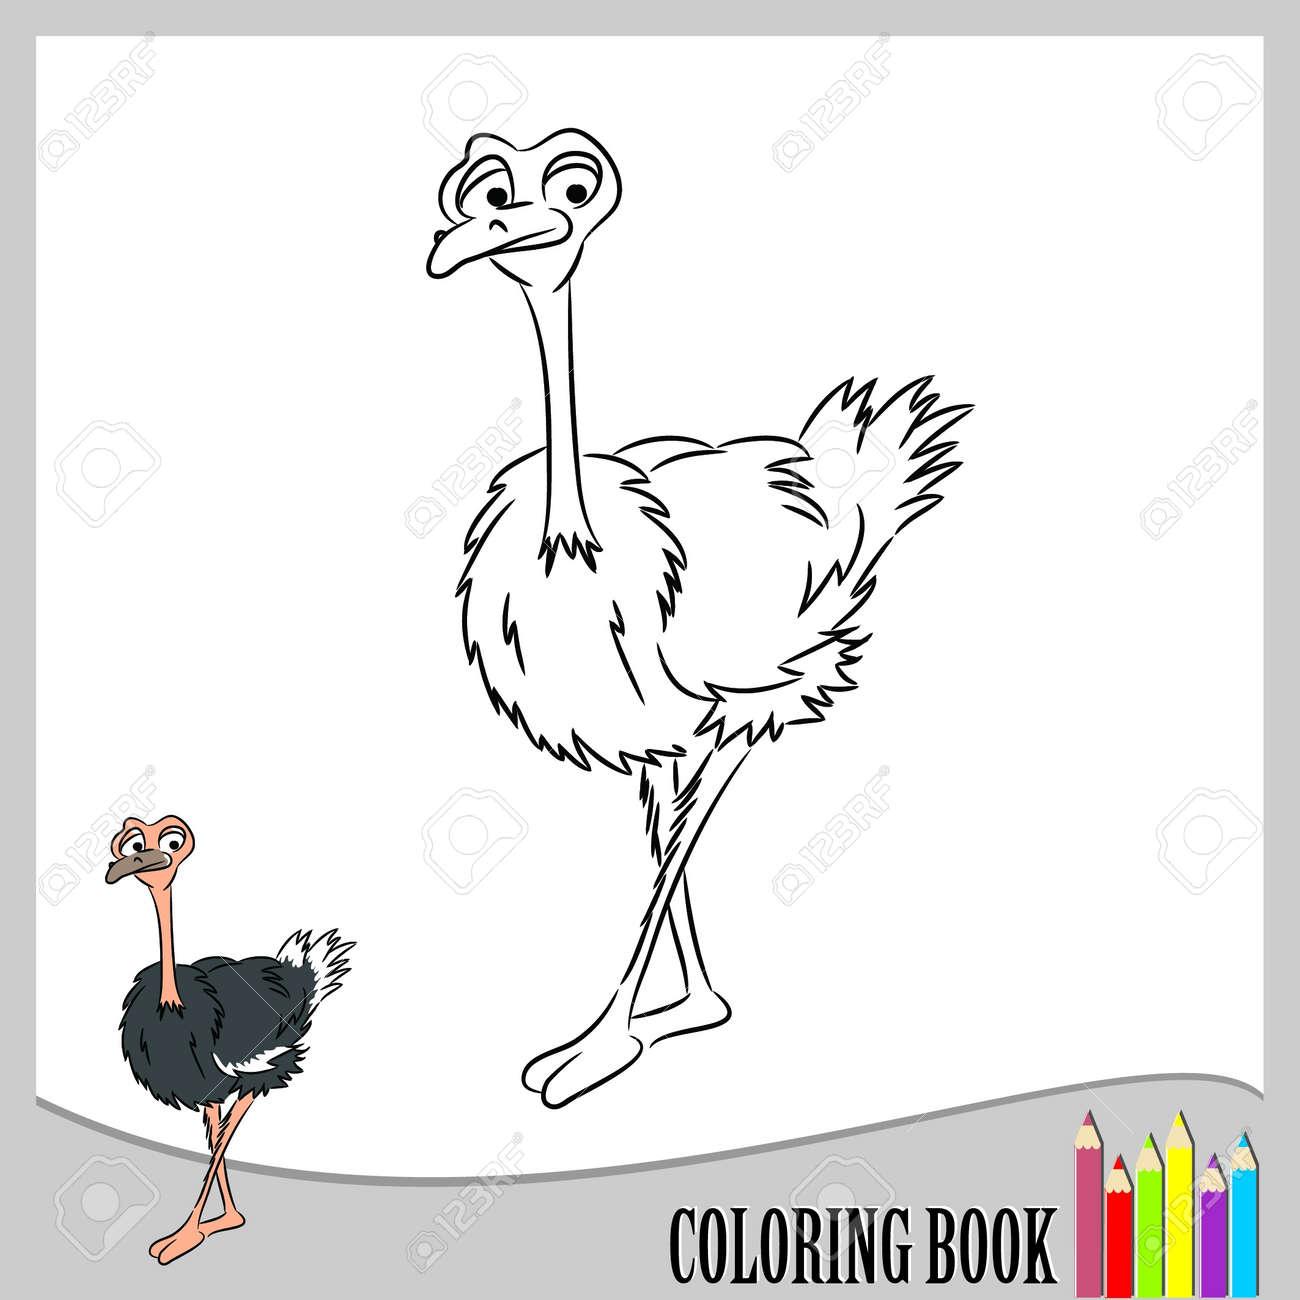 Livre A Colorier Drole D Autruche Clip Art Libres De Droits Vecteurs Et Illustration Image 21675471